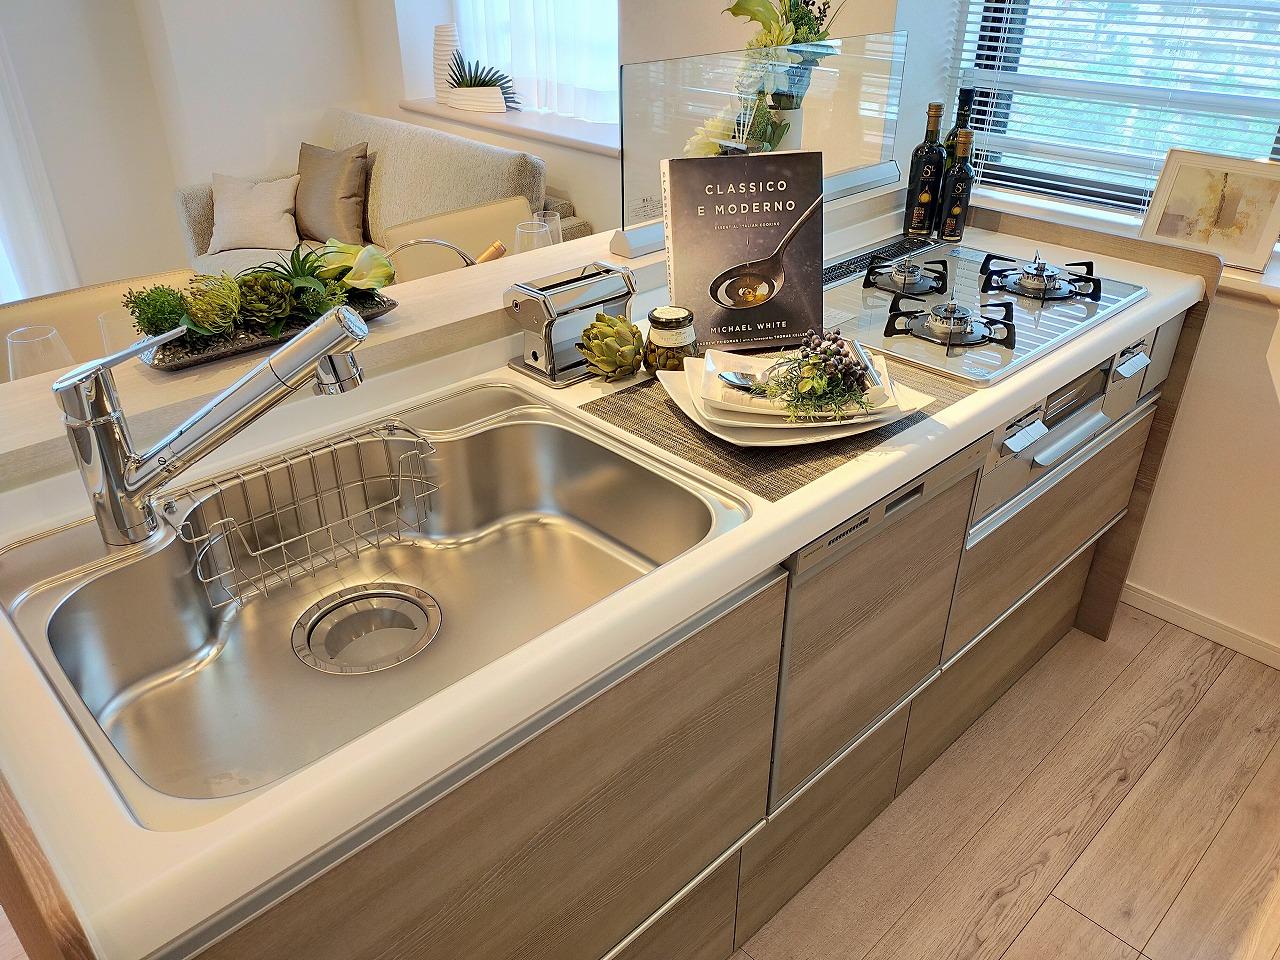 食洗機・浄水器一体型水栓付きシステムキッチン(新規交換)